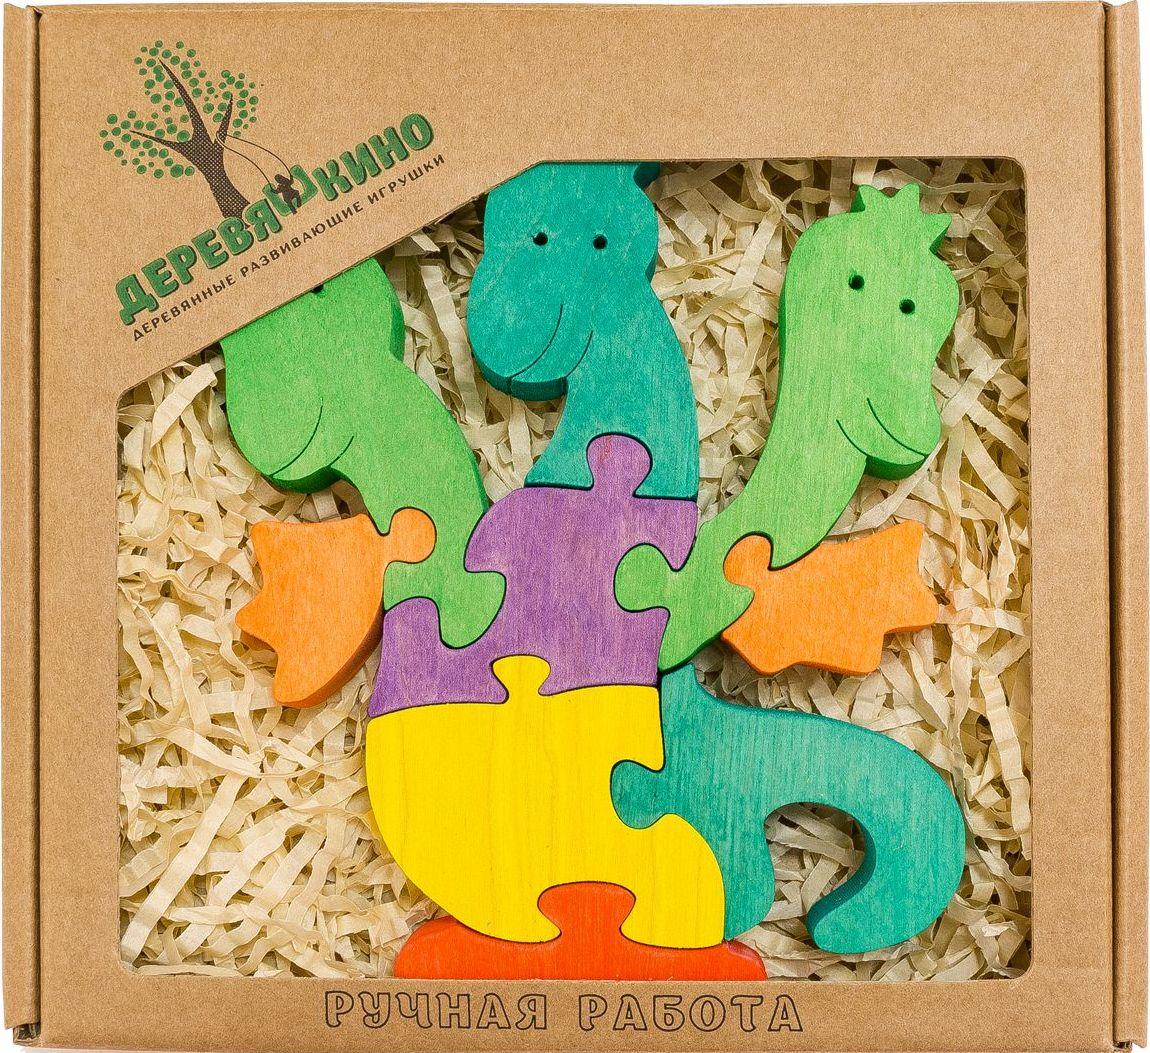 Деревяшкино Пазл для малышей Змей Горыныч деревяшкино пазл для малышей бронтозавр 2